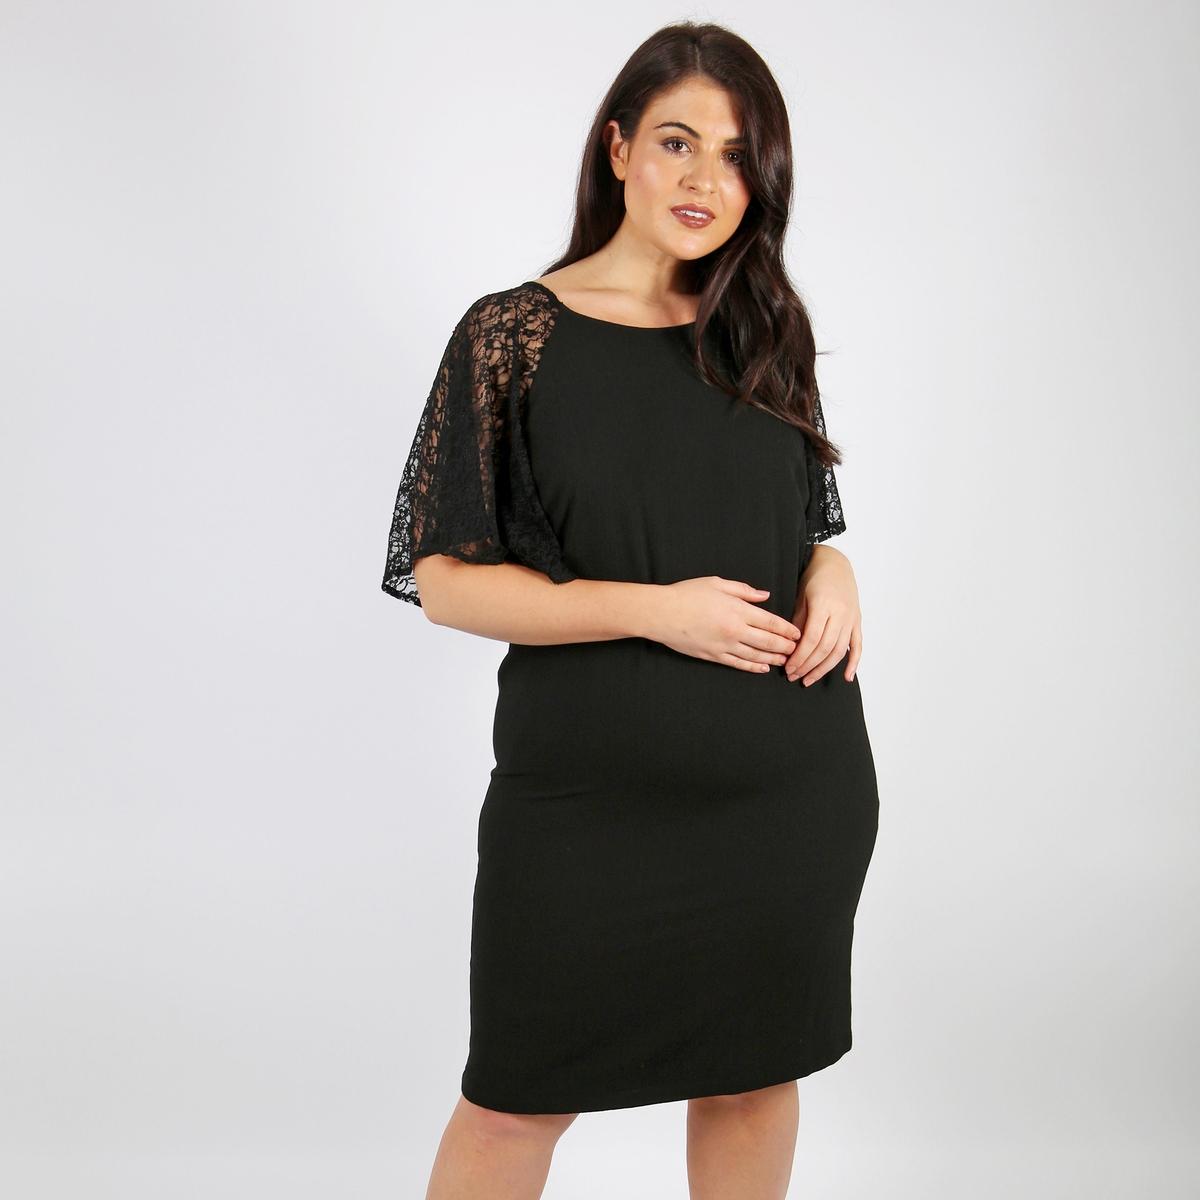 Платье прямое средней длины, однотонное, с короткими рукавами от LOVEDROBE